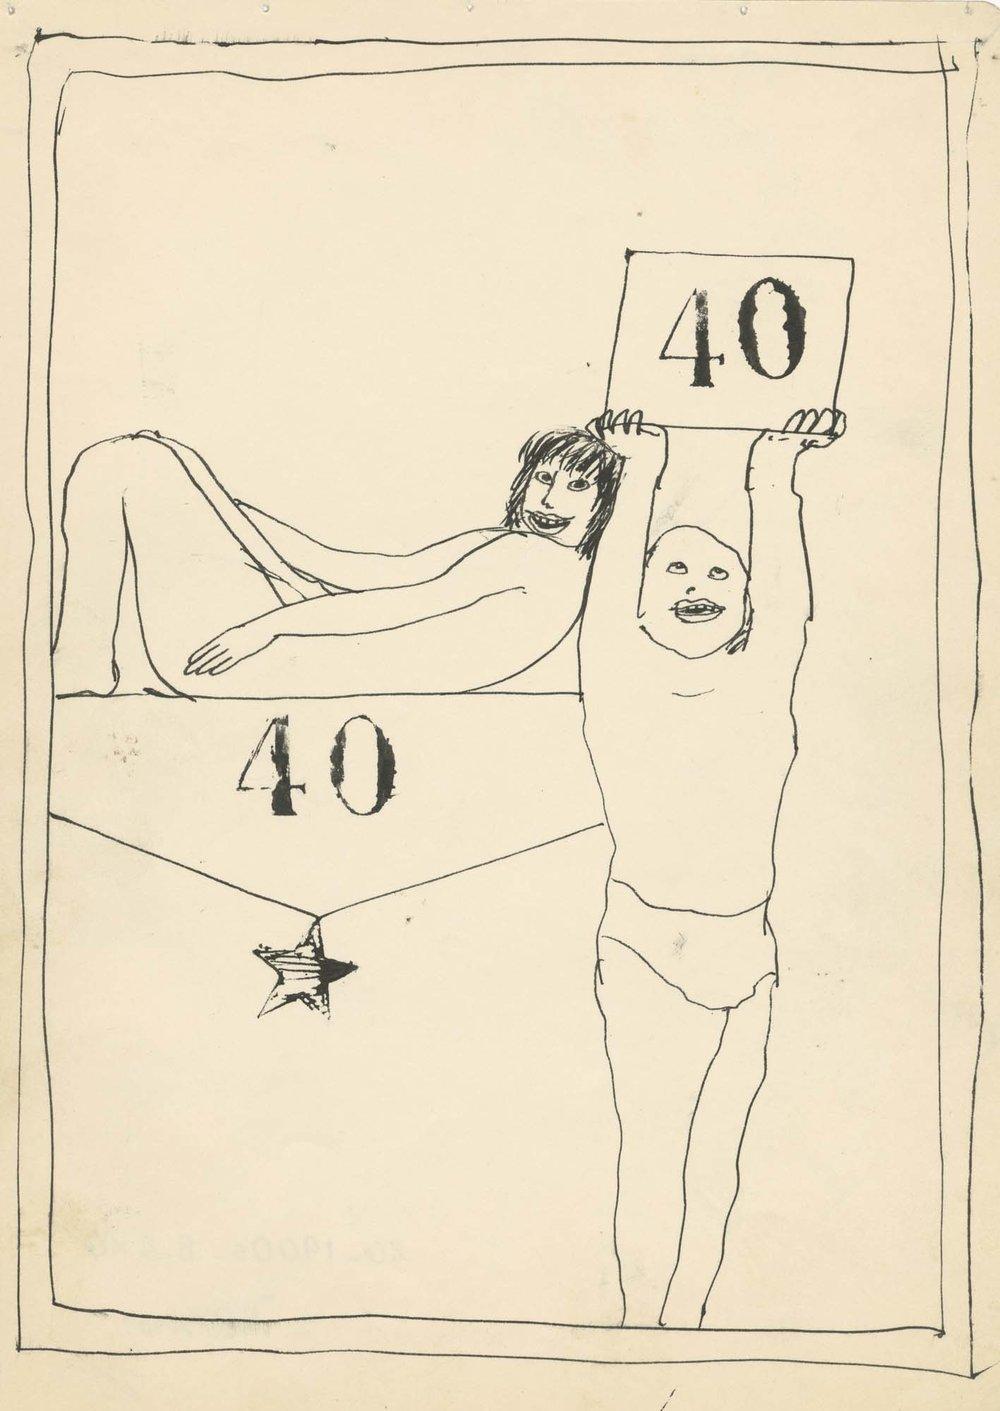 <i>40 over 40</i>, 1960